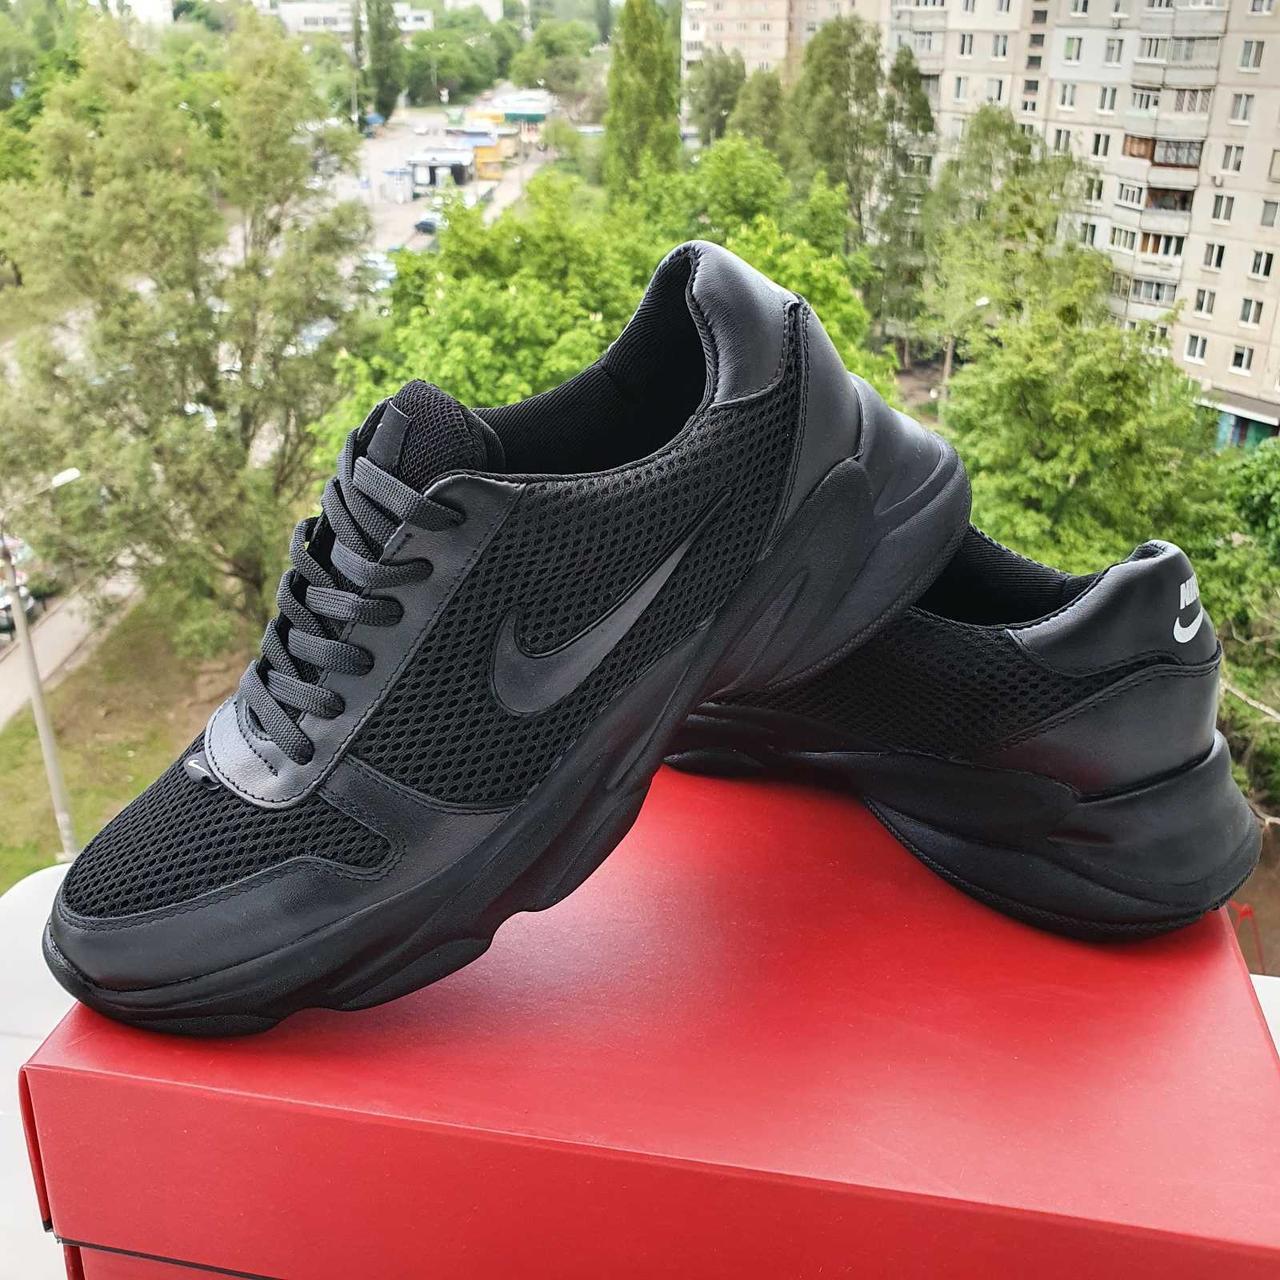 Мужские летние кожаные  кроссовки с сеткой Nike  чёрного цвета